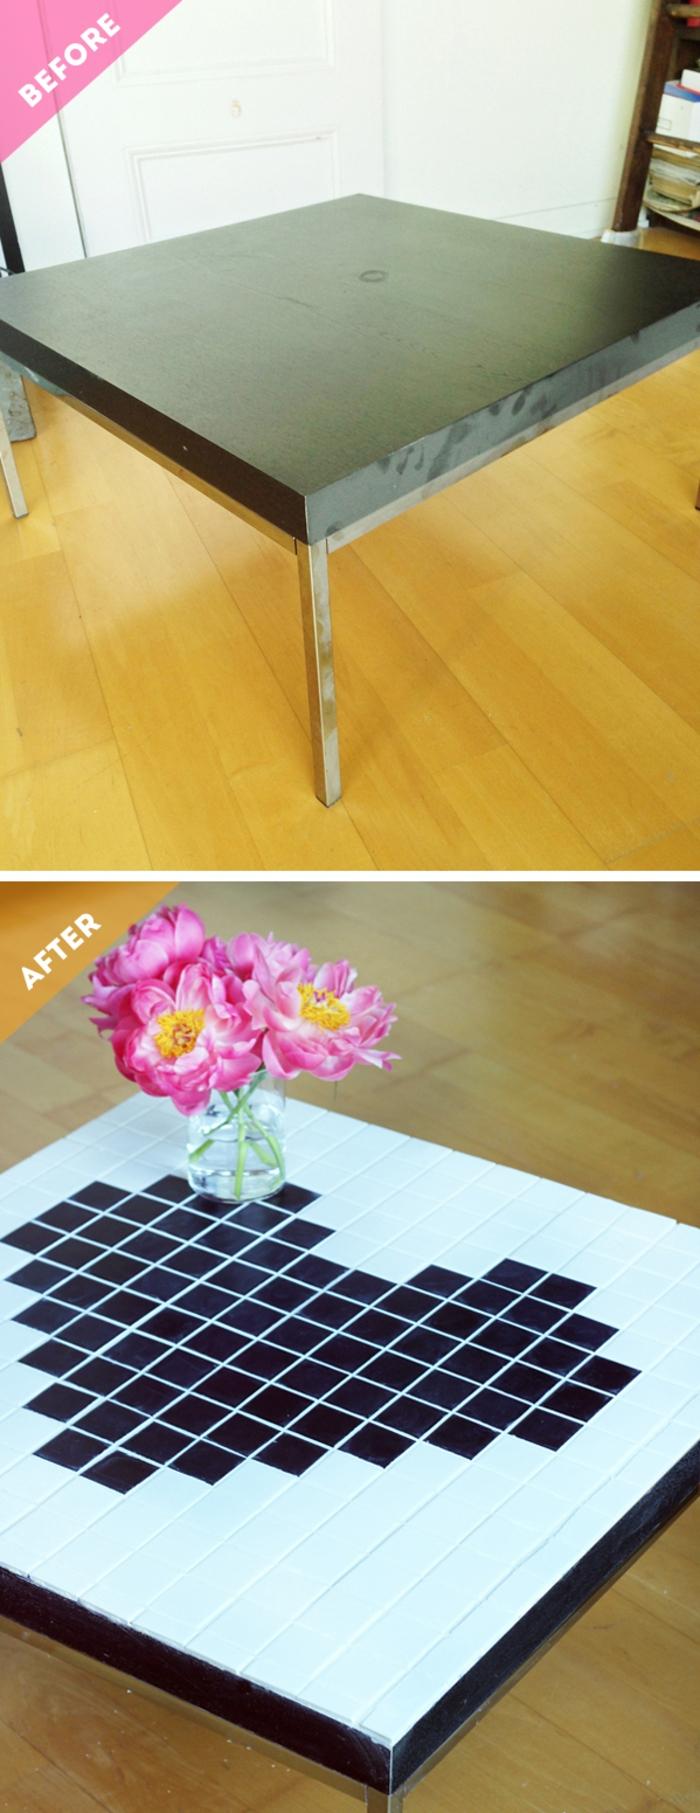 idée originale pour un relooking meuble à effet mozaiqie, table basse relooké à motif coeur